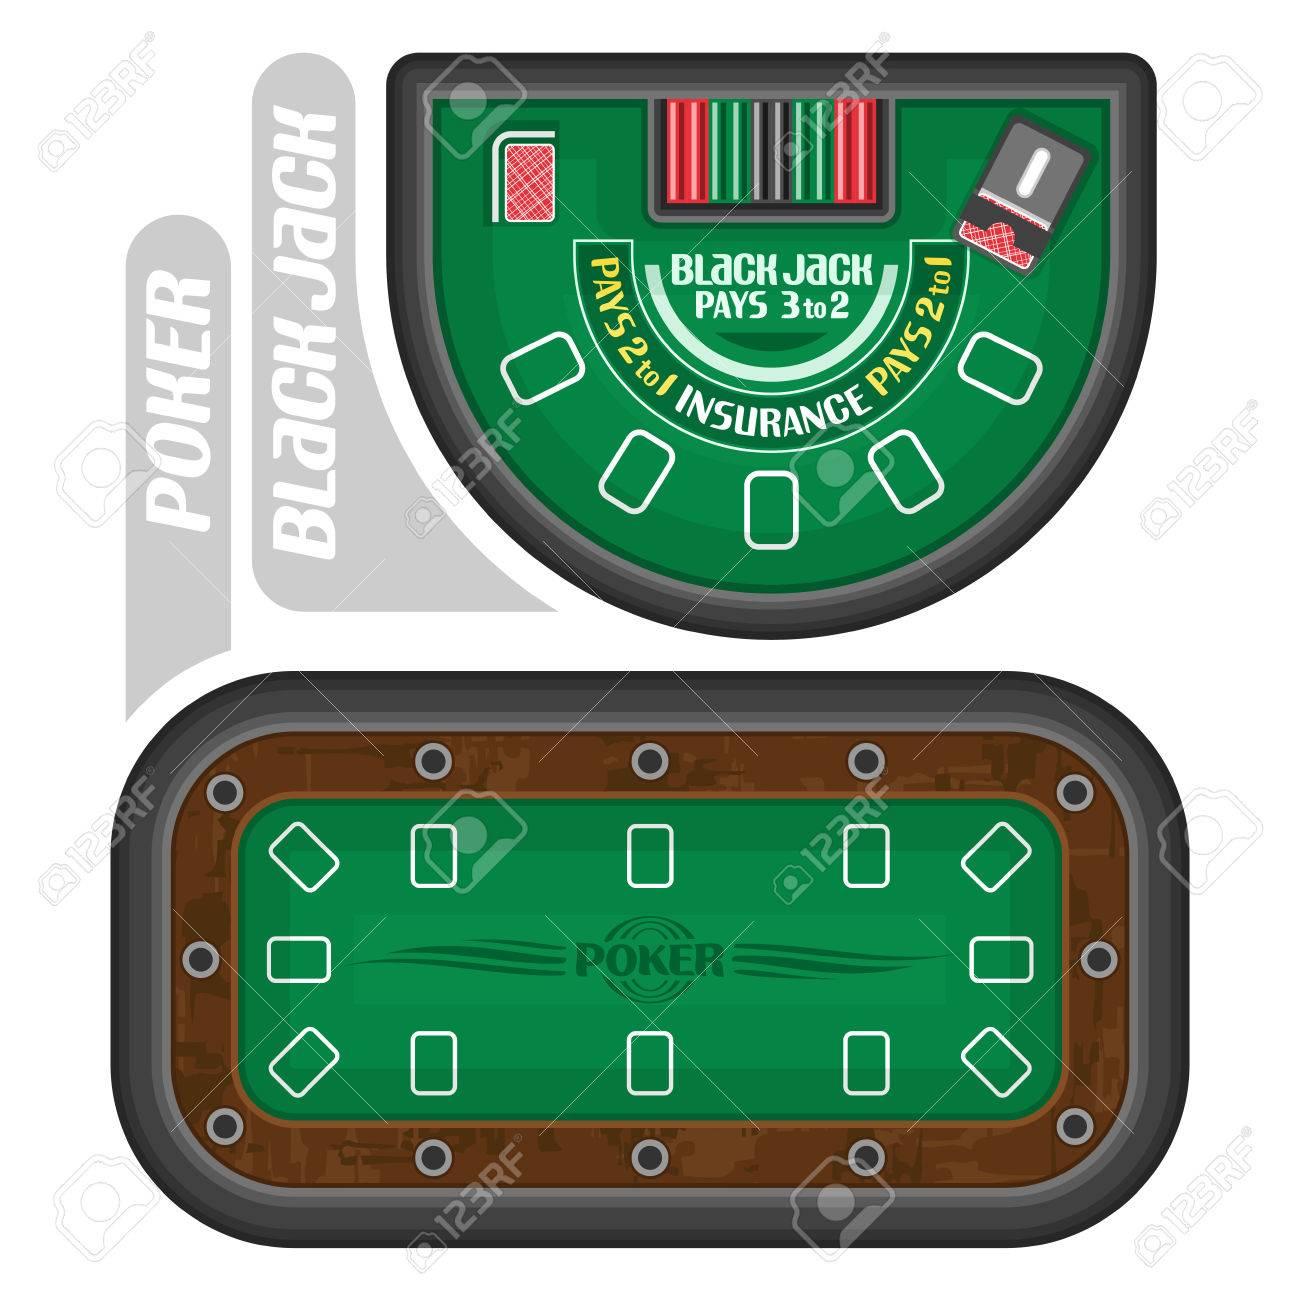 покер блэкджек онлайн